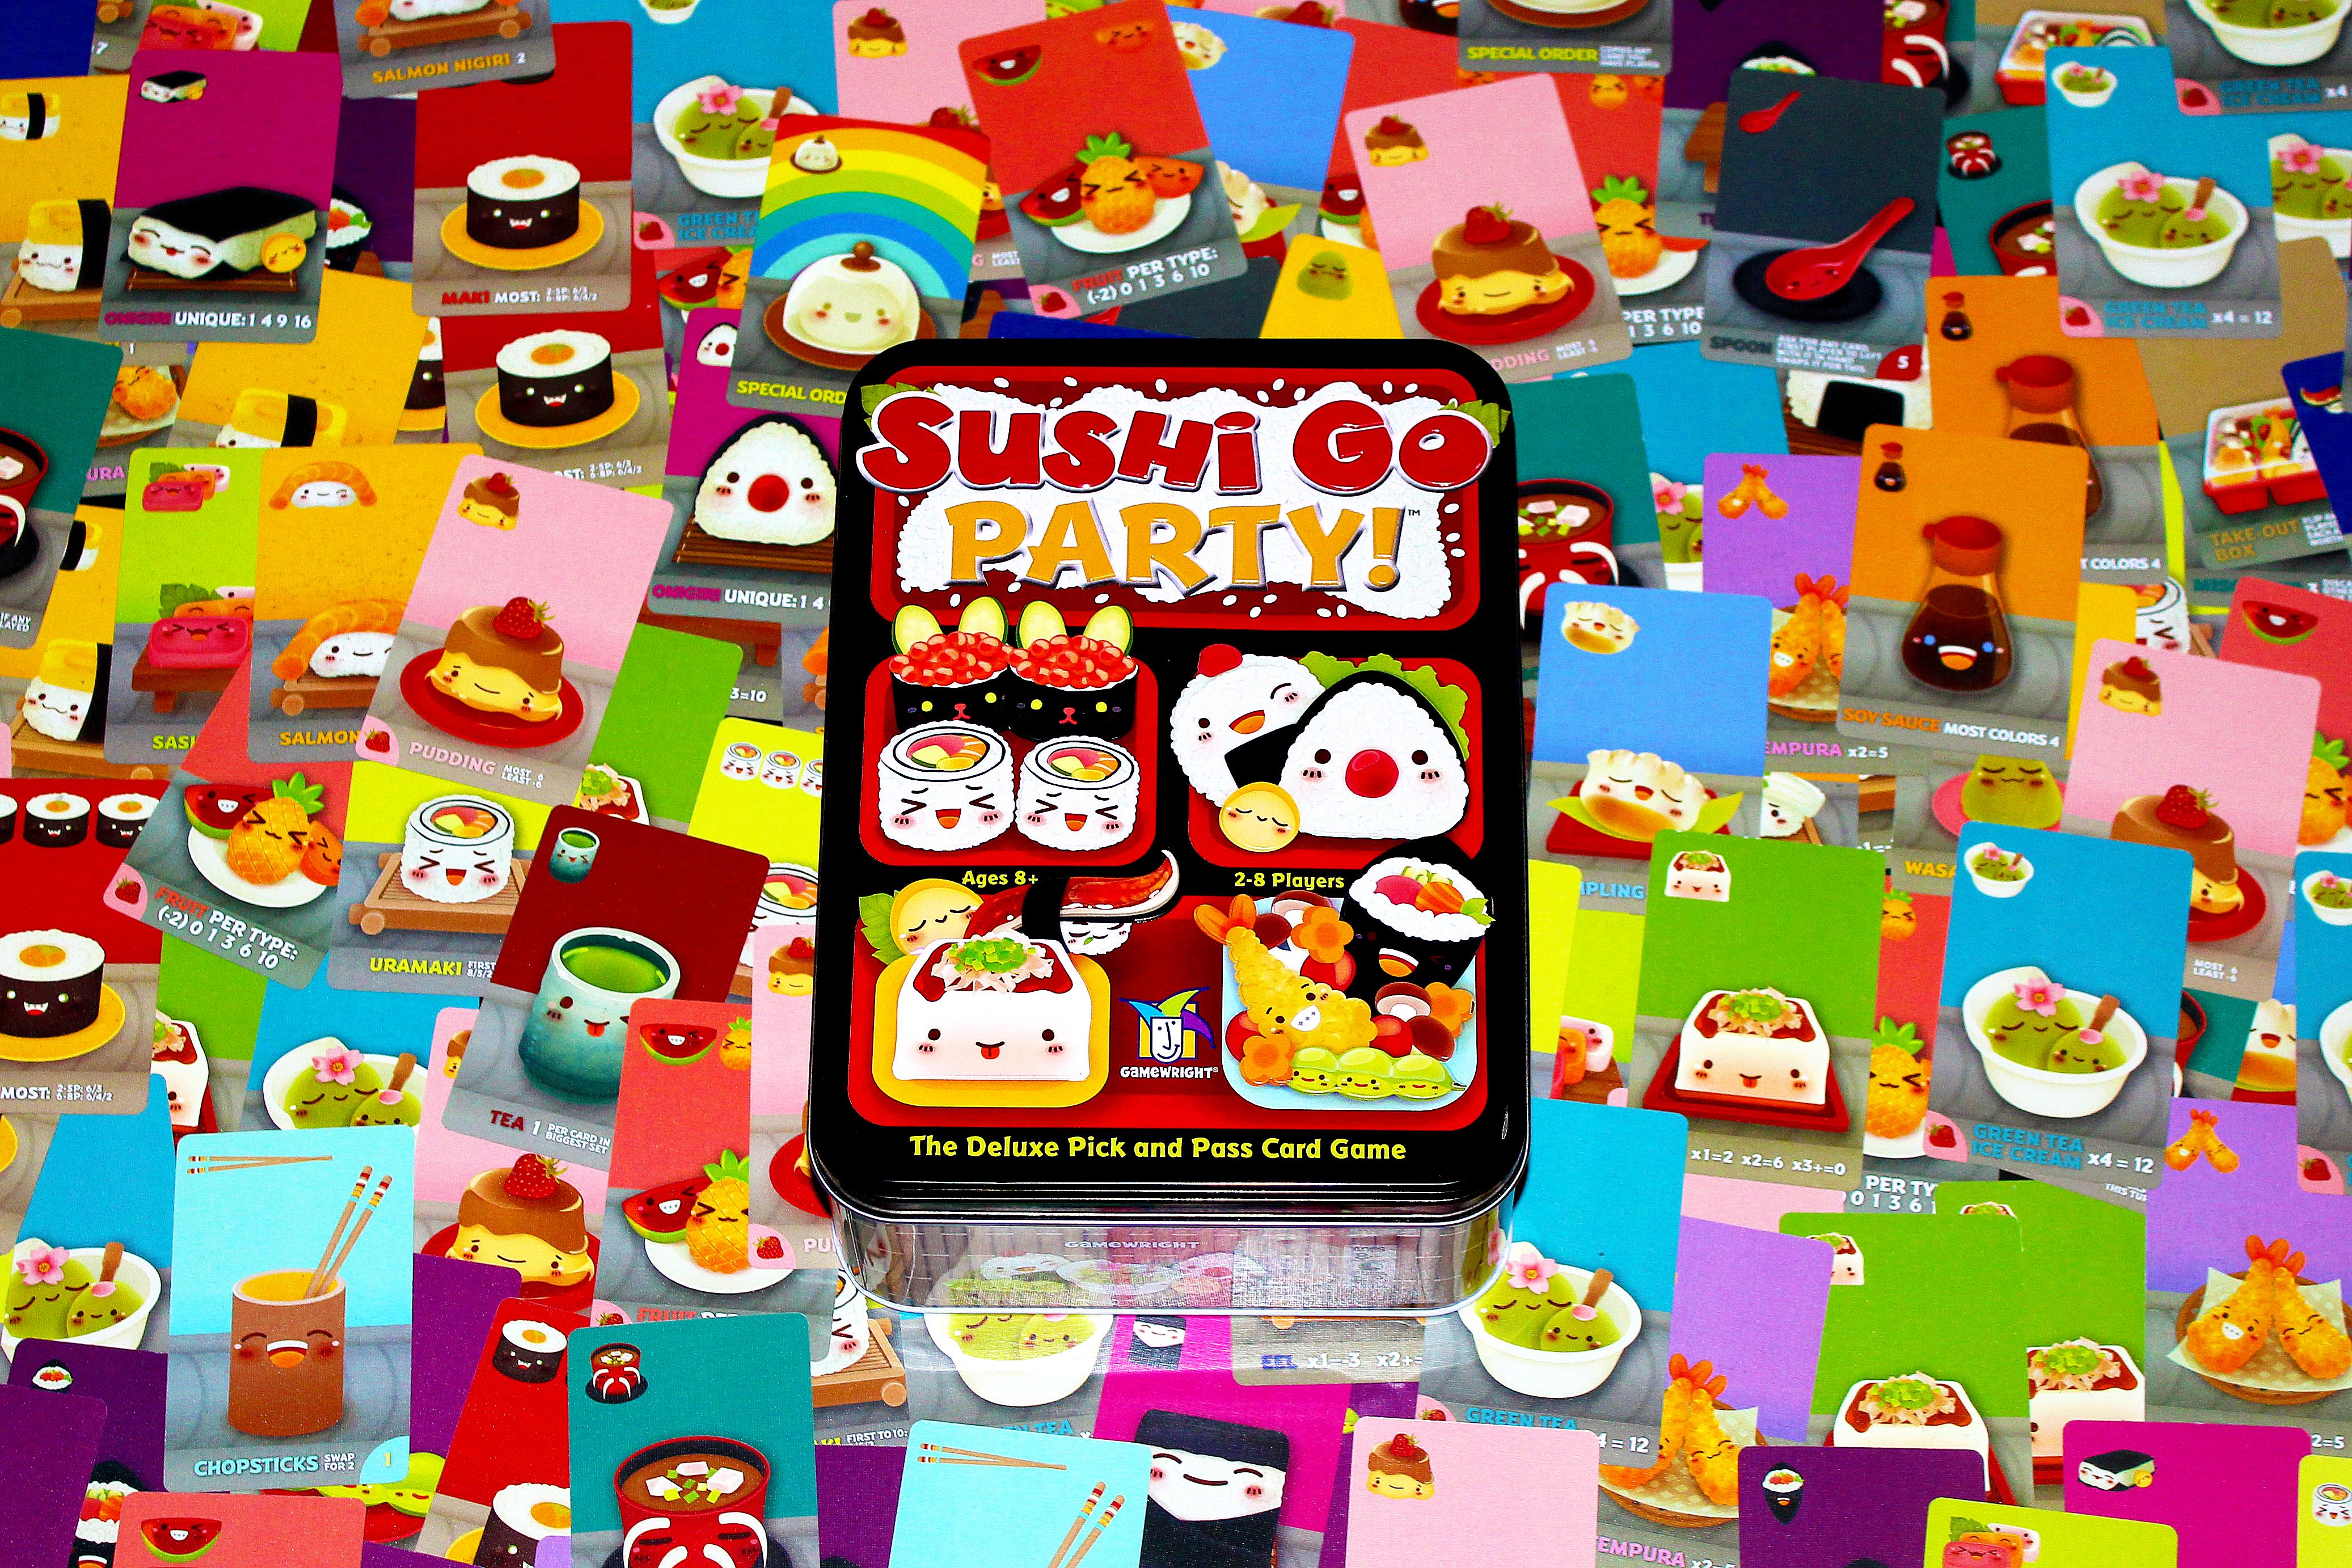 Sushi go party amazon